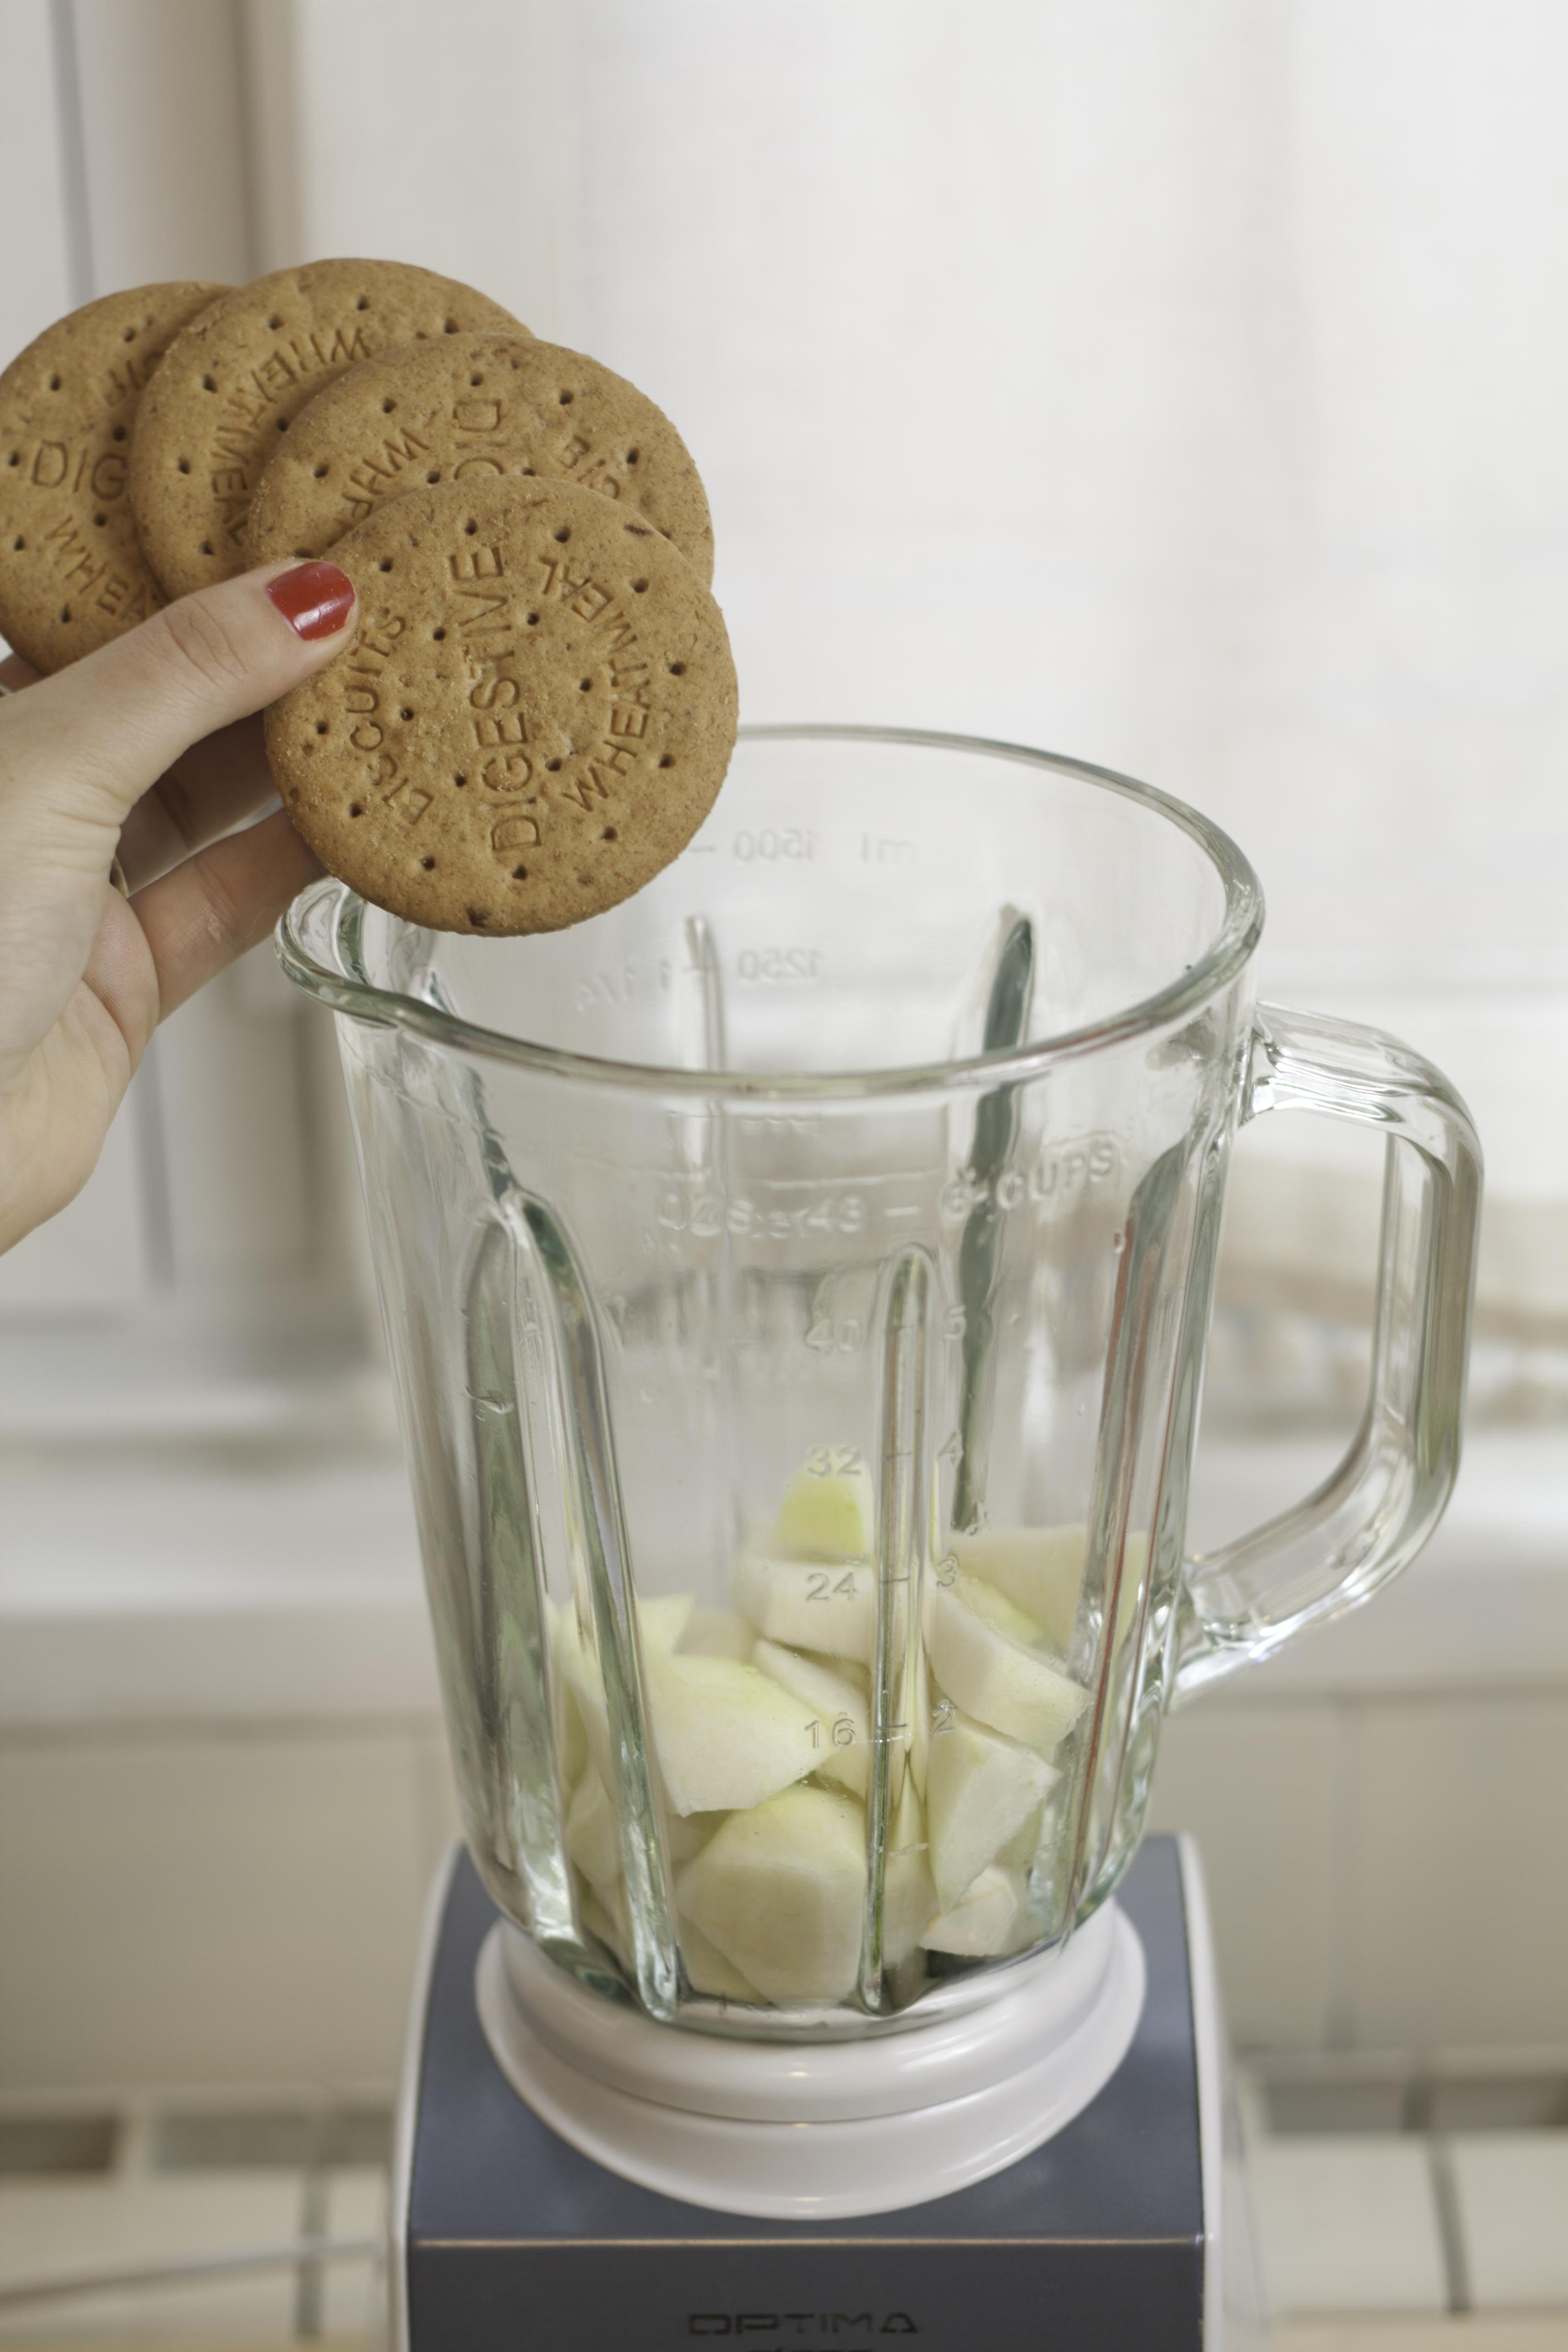 Añadimos galletas digestive para nuestro batido energético